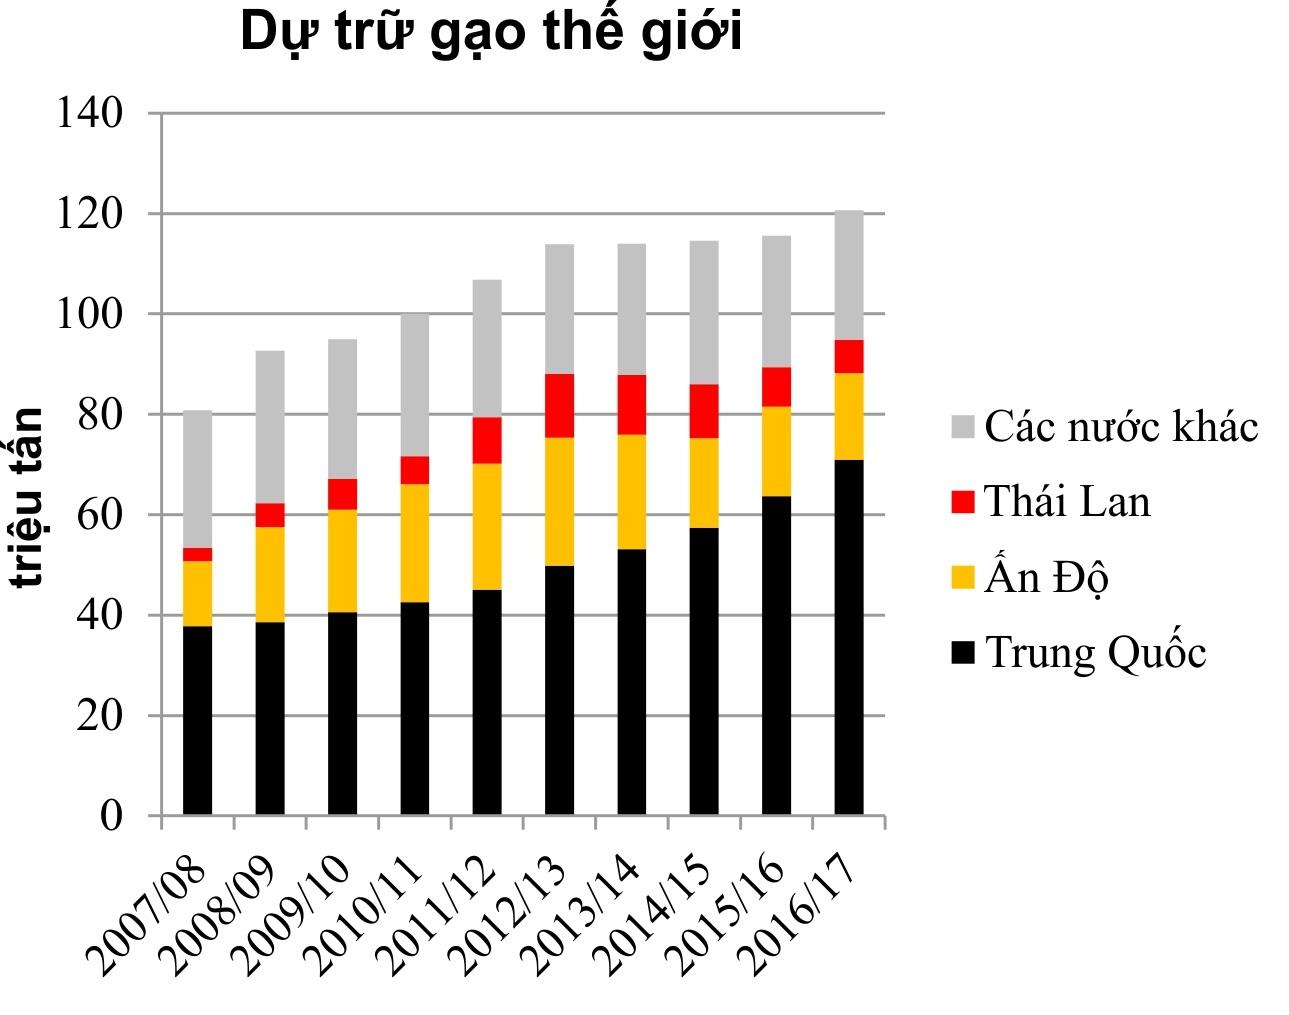 VCCI Cần Thơ: Mục tiêu ngành gạo cứ để thị trường điều chỉnh